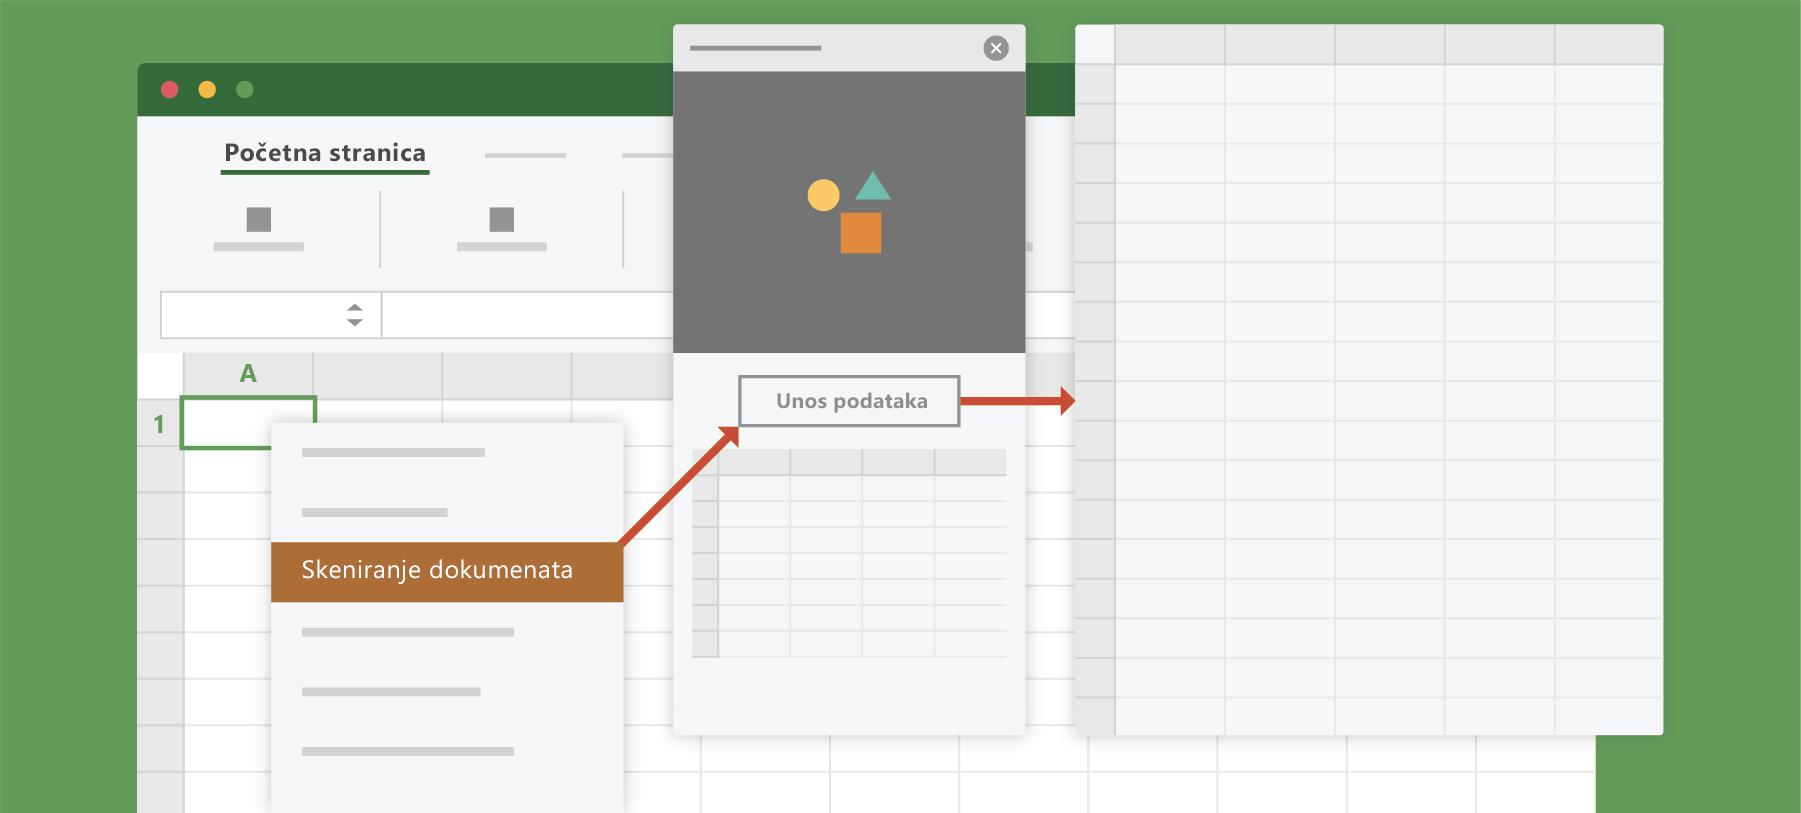 Pokazuje mogućnost skeniranja dokumenta u programu Excel